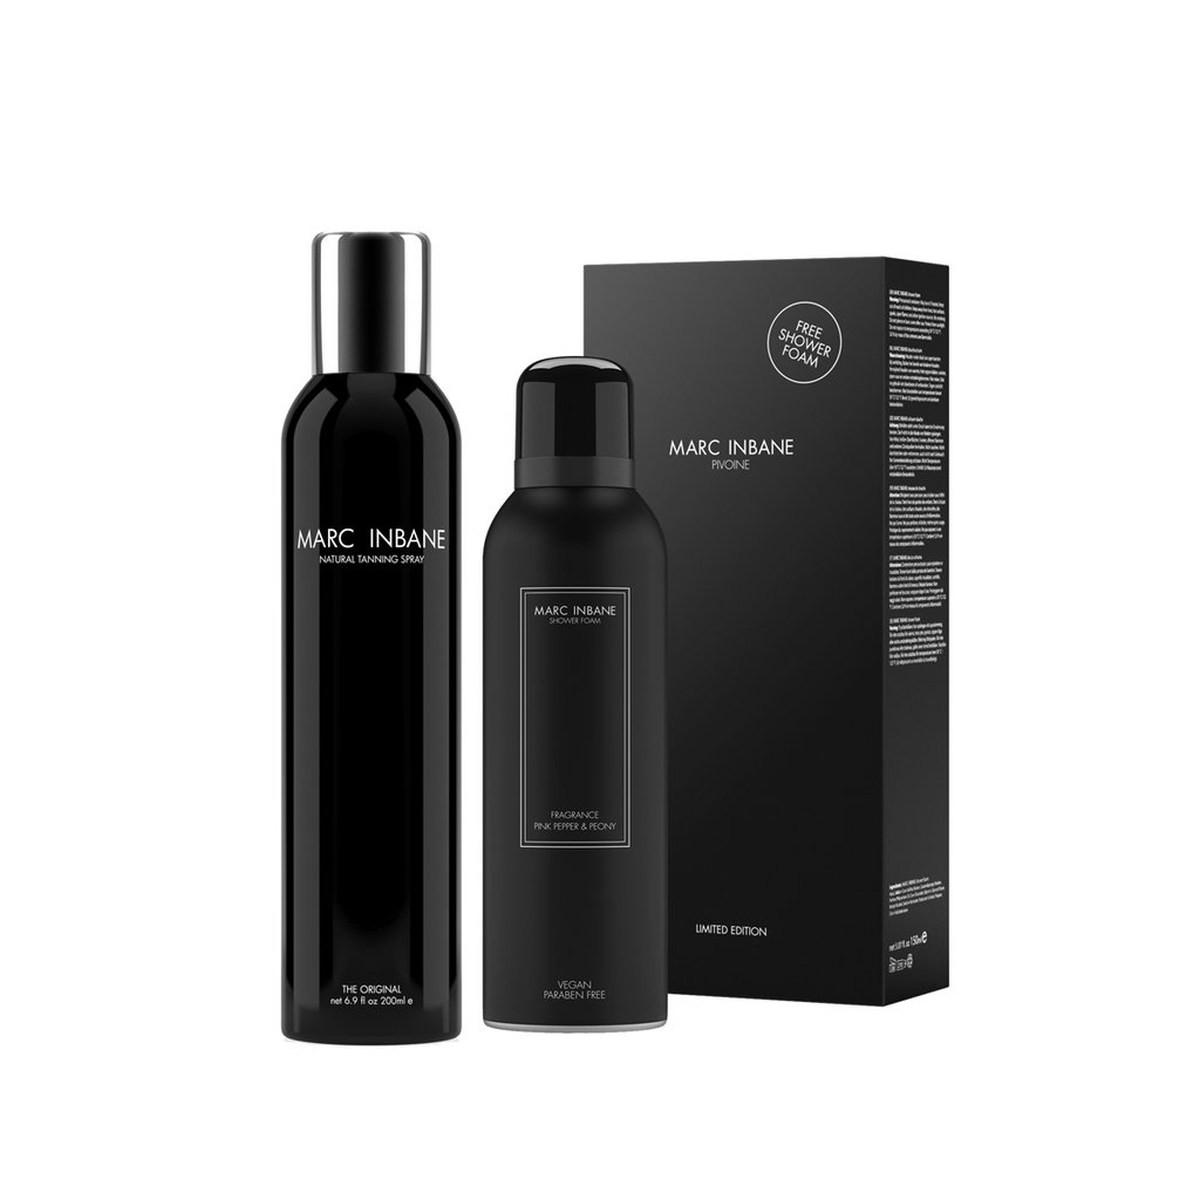 MARC INBANE Pivoine: Spray 200ml + Shower Foam 150ml - Zestaw spray samoopalający i pianka pod prysznic